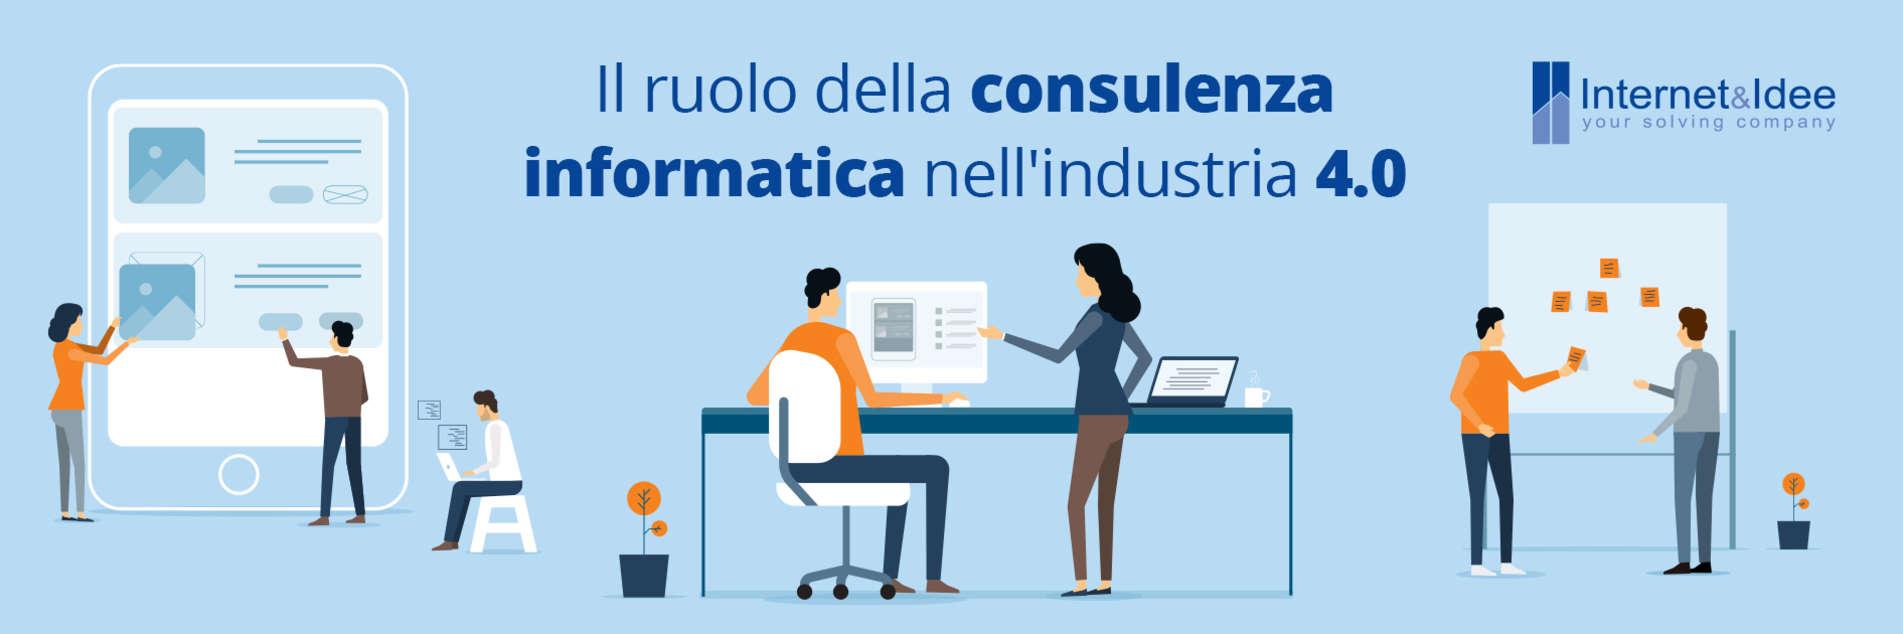 Il ruolo della consulenza informatica nell'industria 4.0